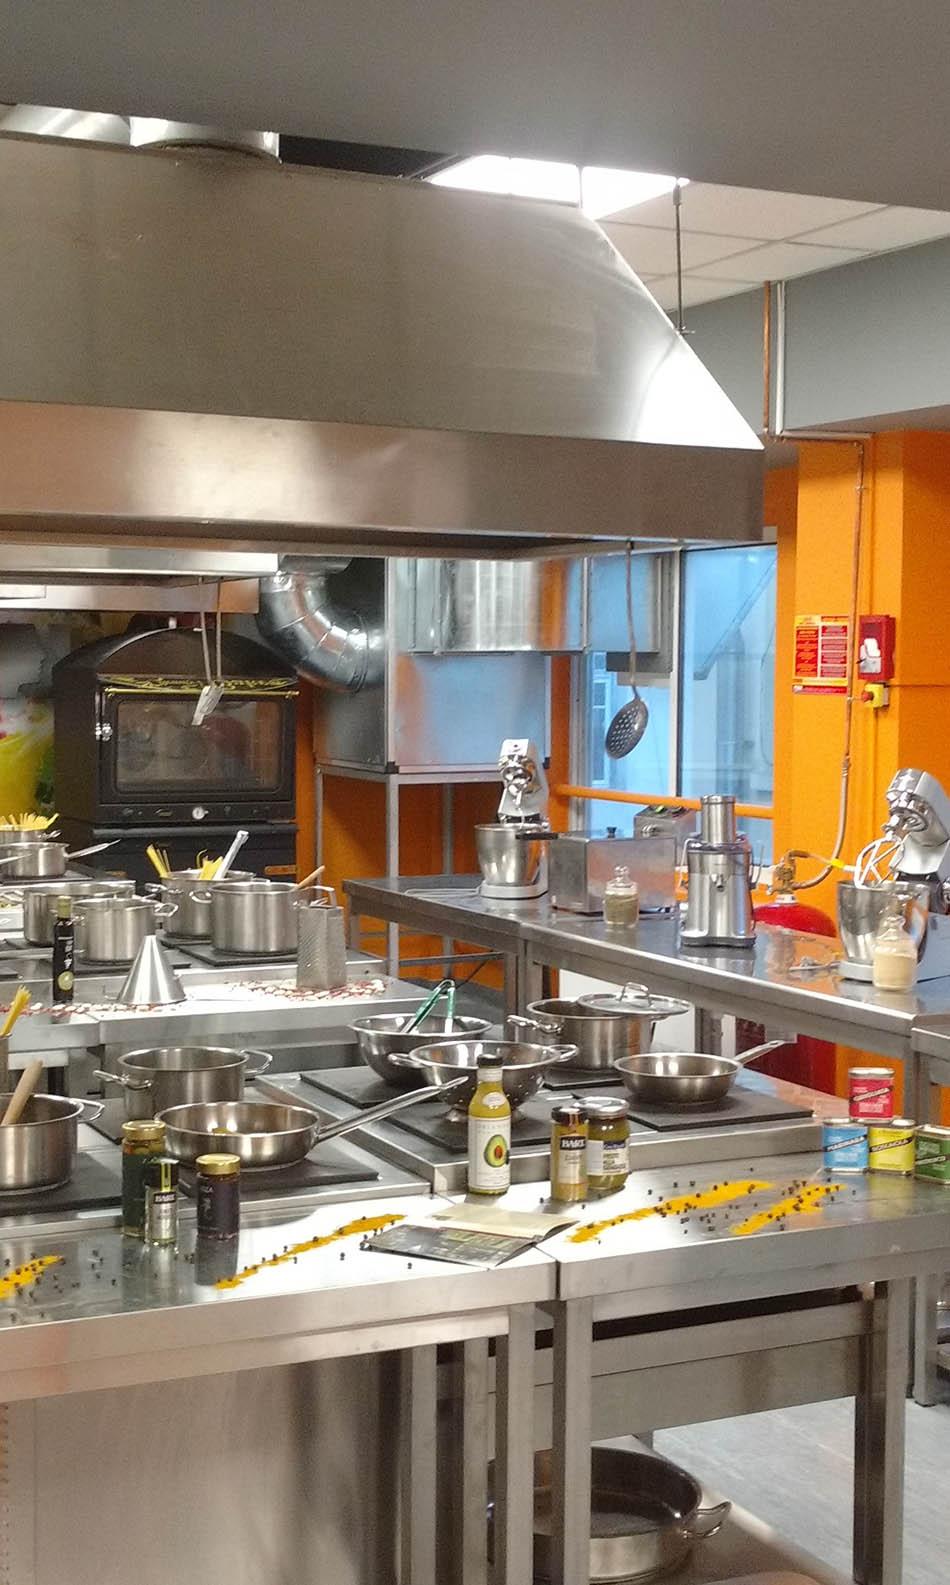 ΙΕΚ ΑΚΜΗ: Εργαστήριο Σχολής Μαγειρικής-Chef